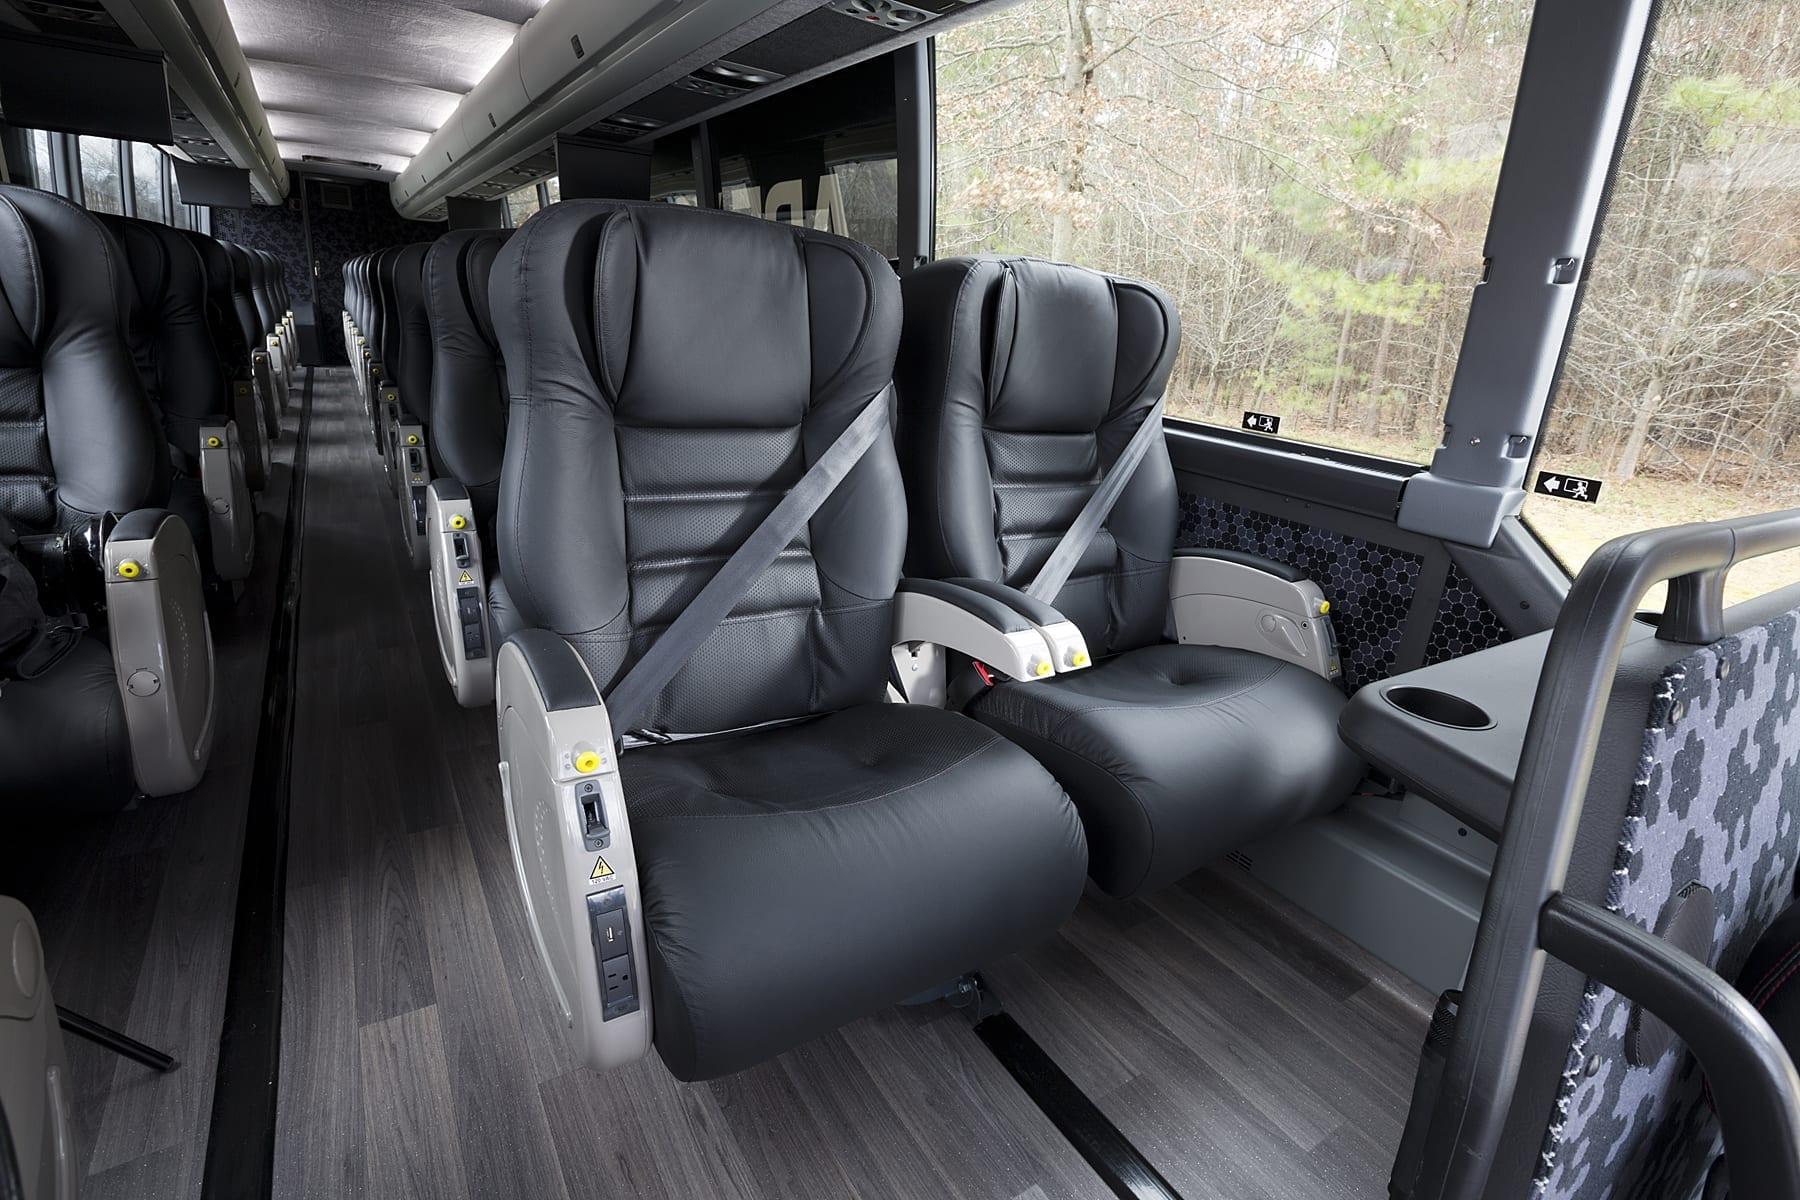 plush, comfortable 2+1 seating